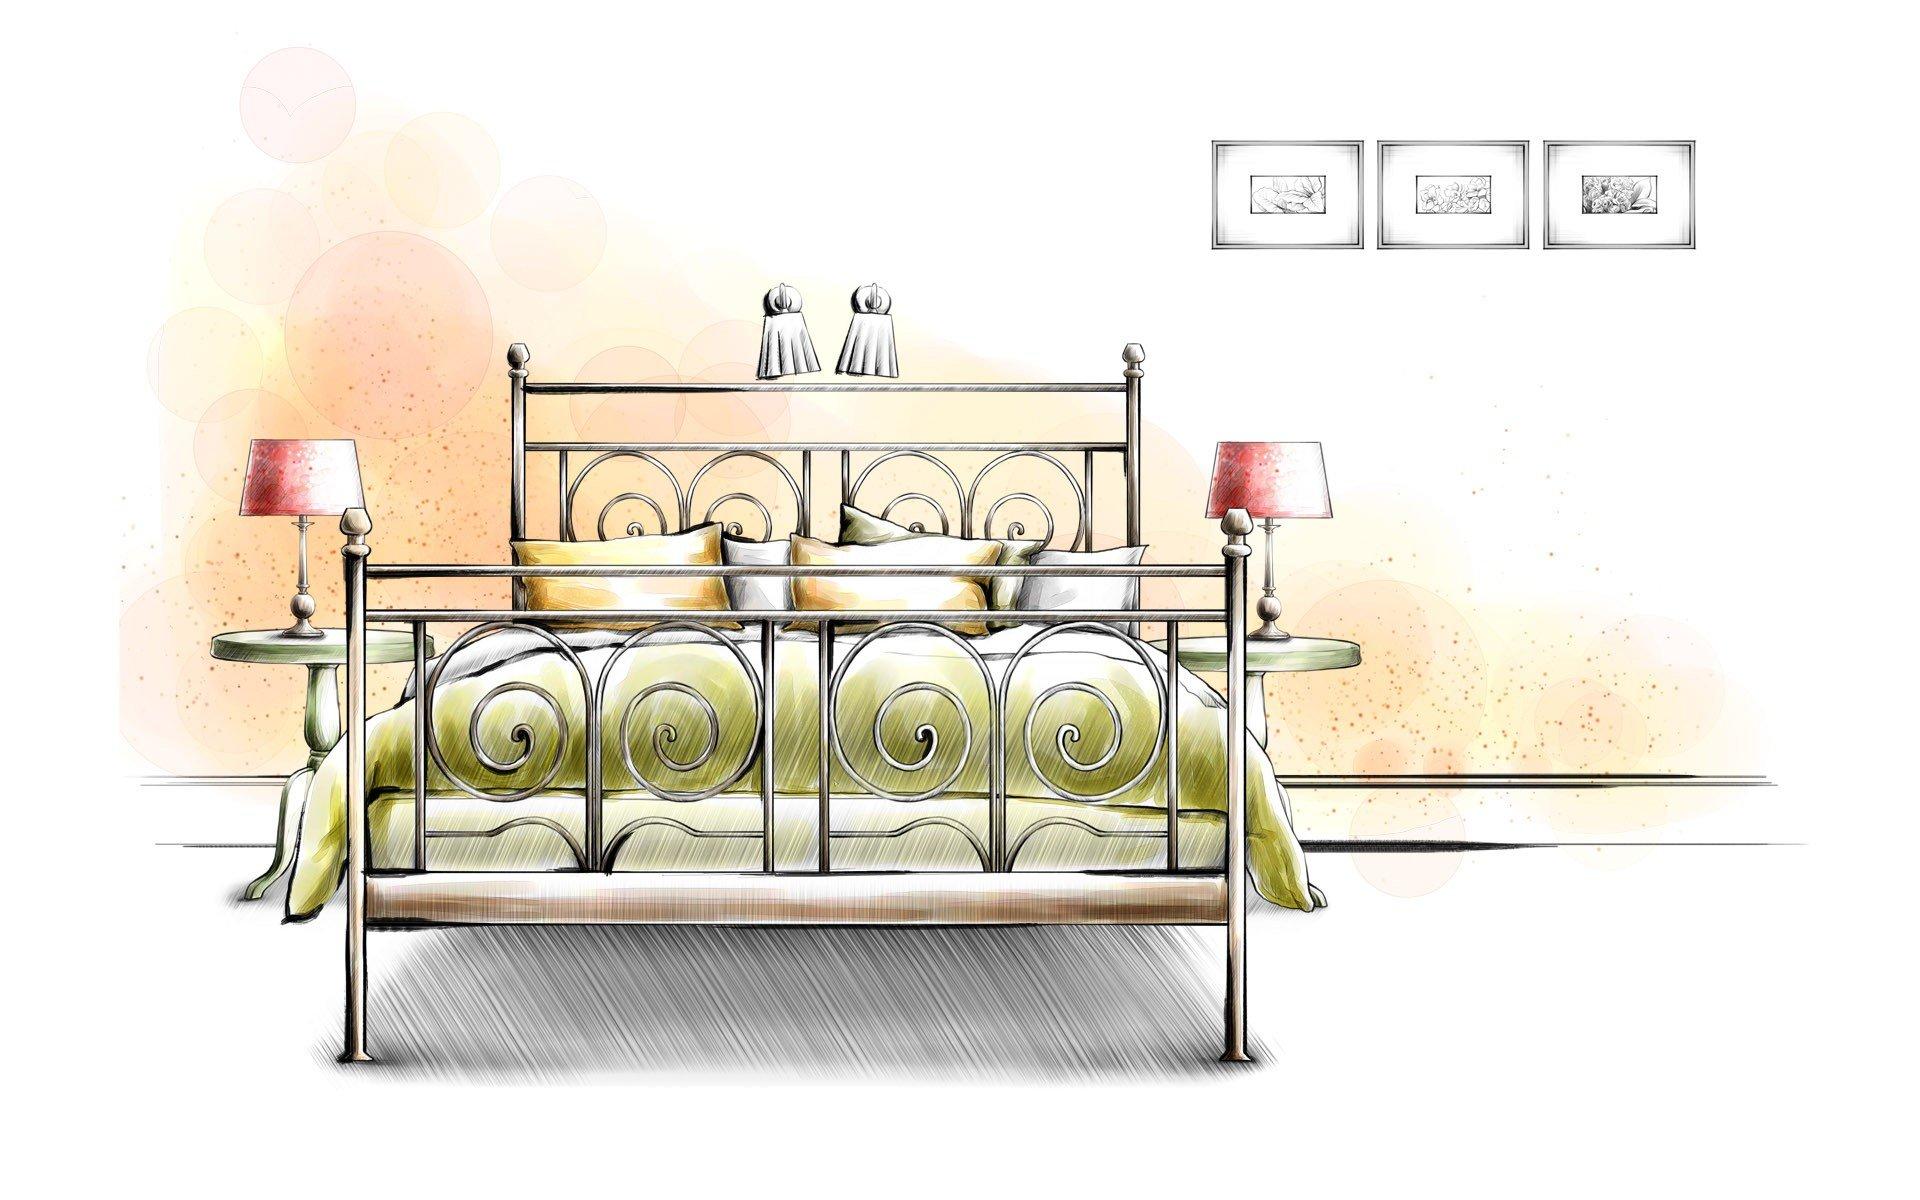 Design interior furniture drawings wallpaper 1920x1200 for Interior design drawings free download